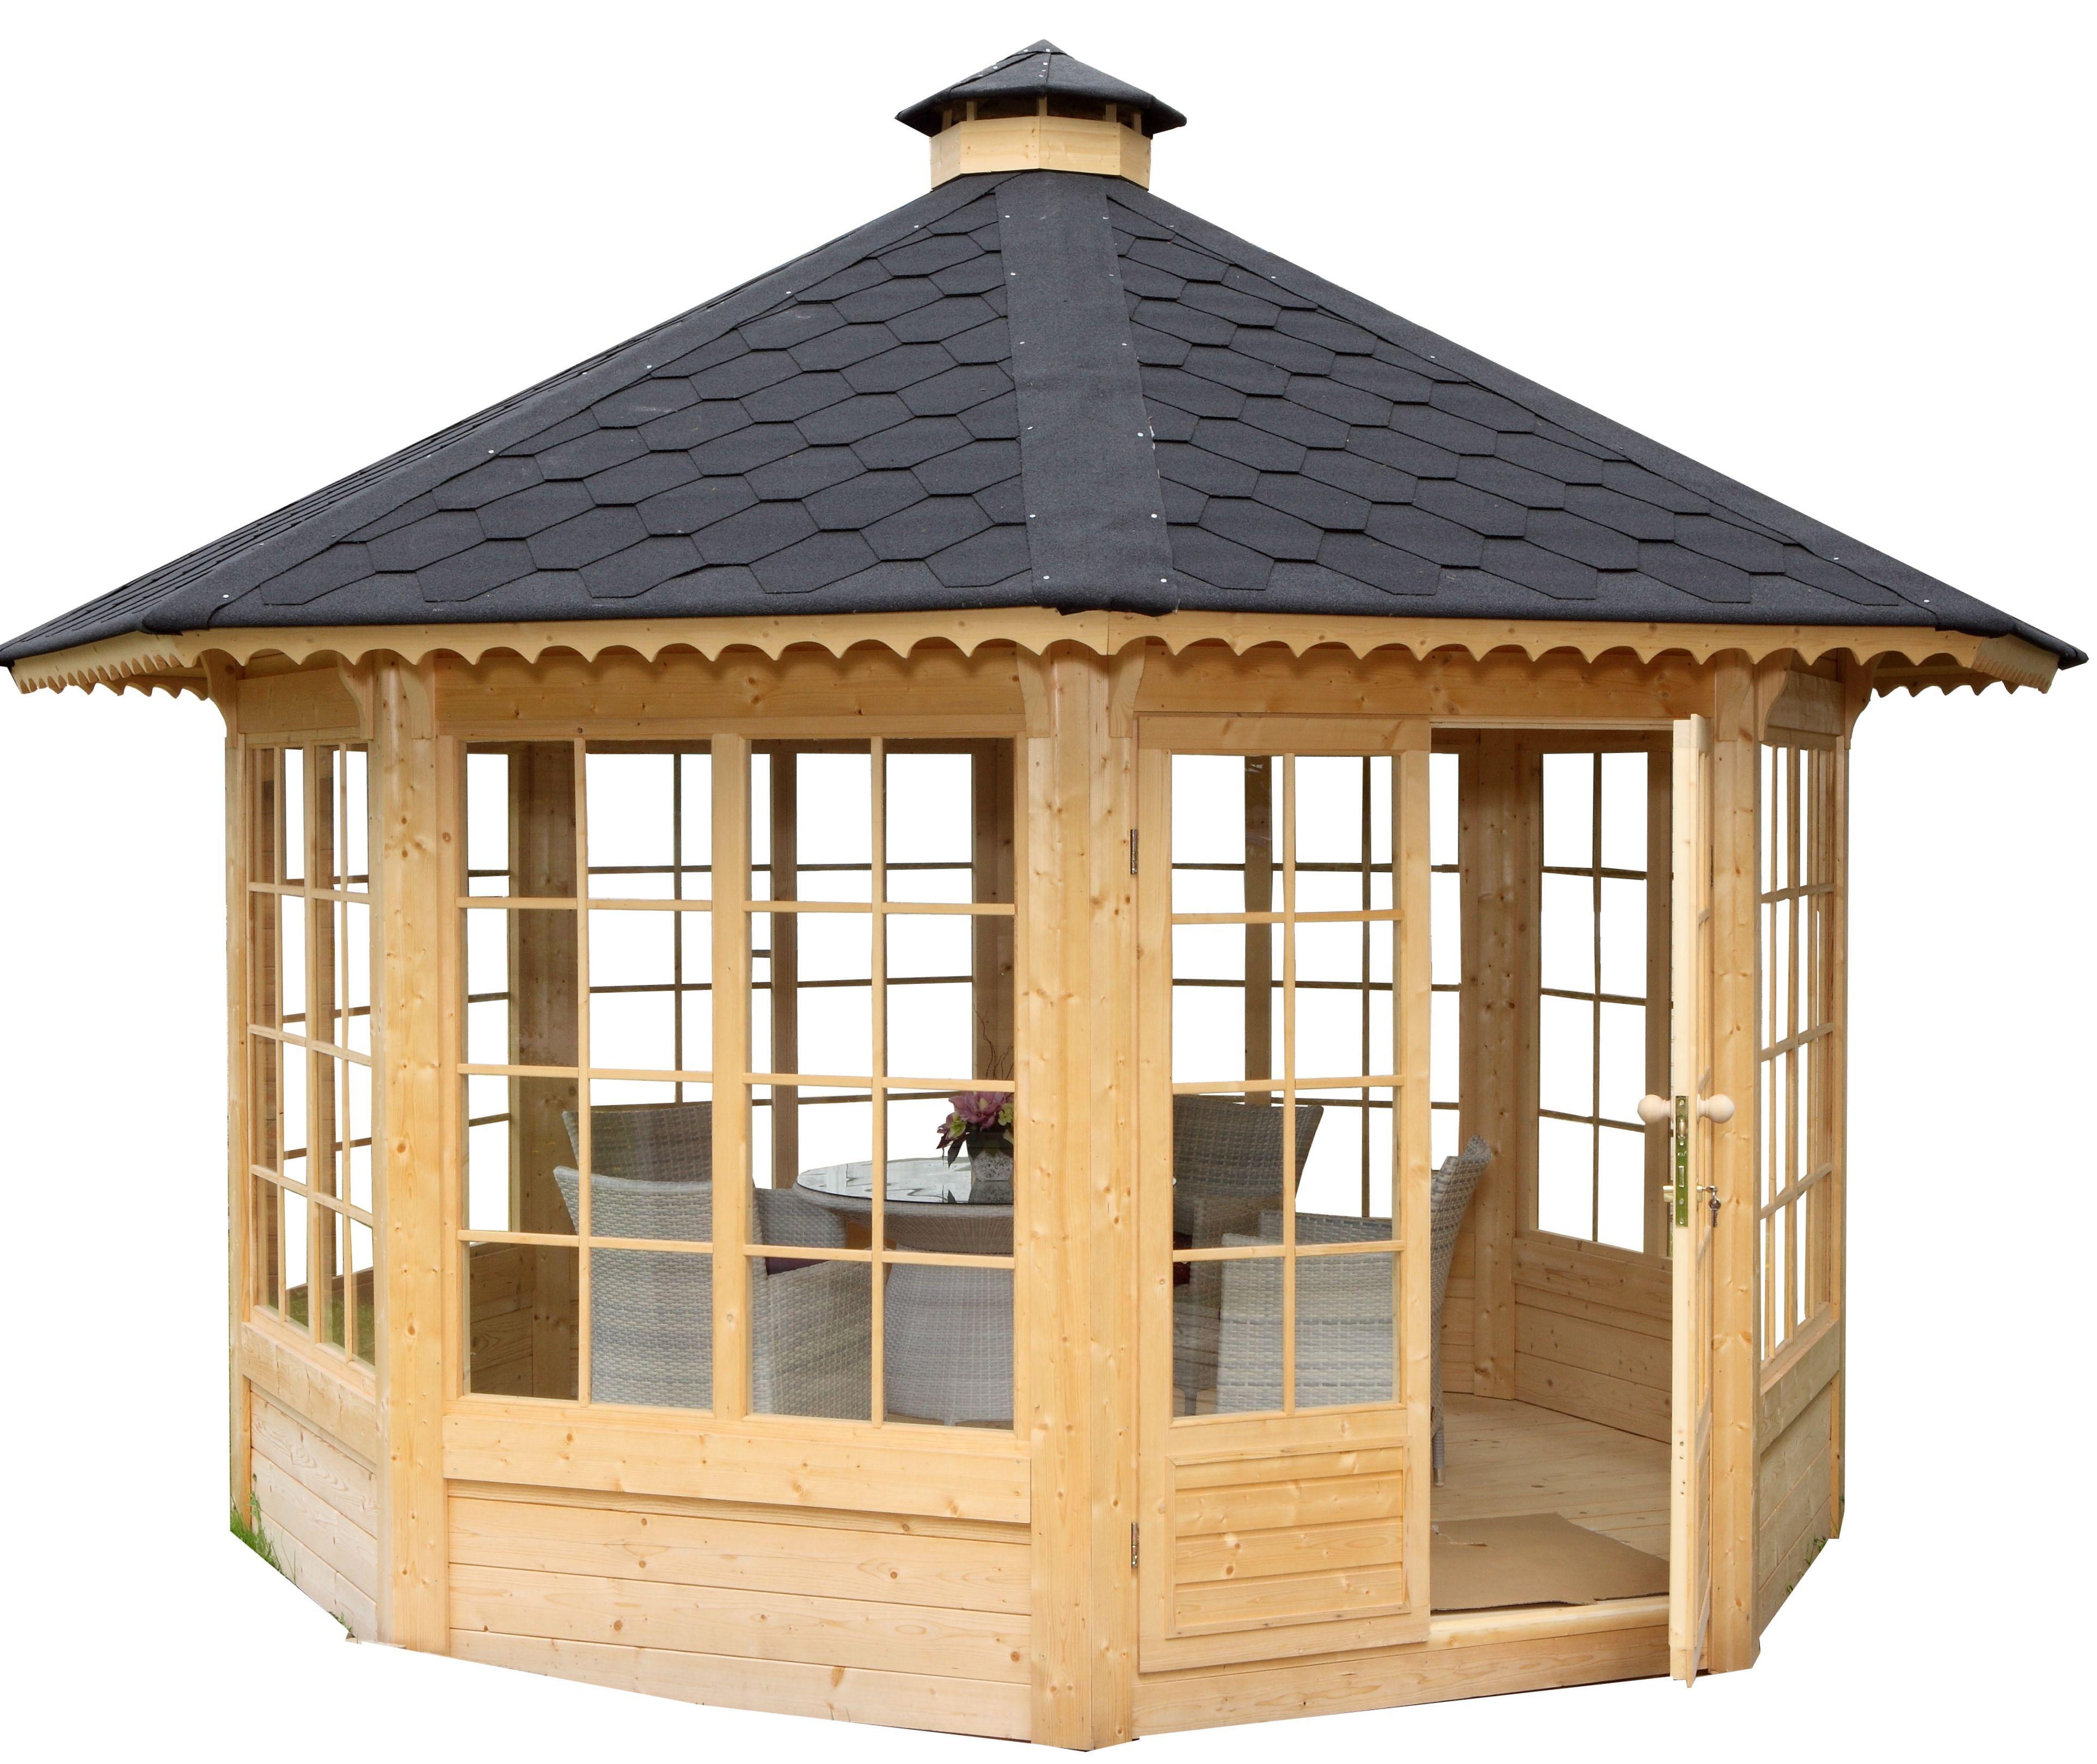 Gartenpavillon Holz Mit Fenster